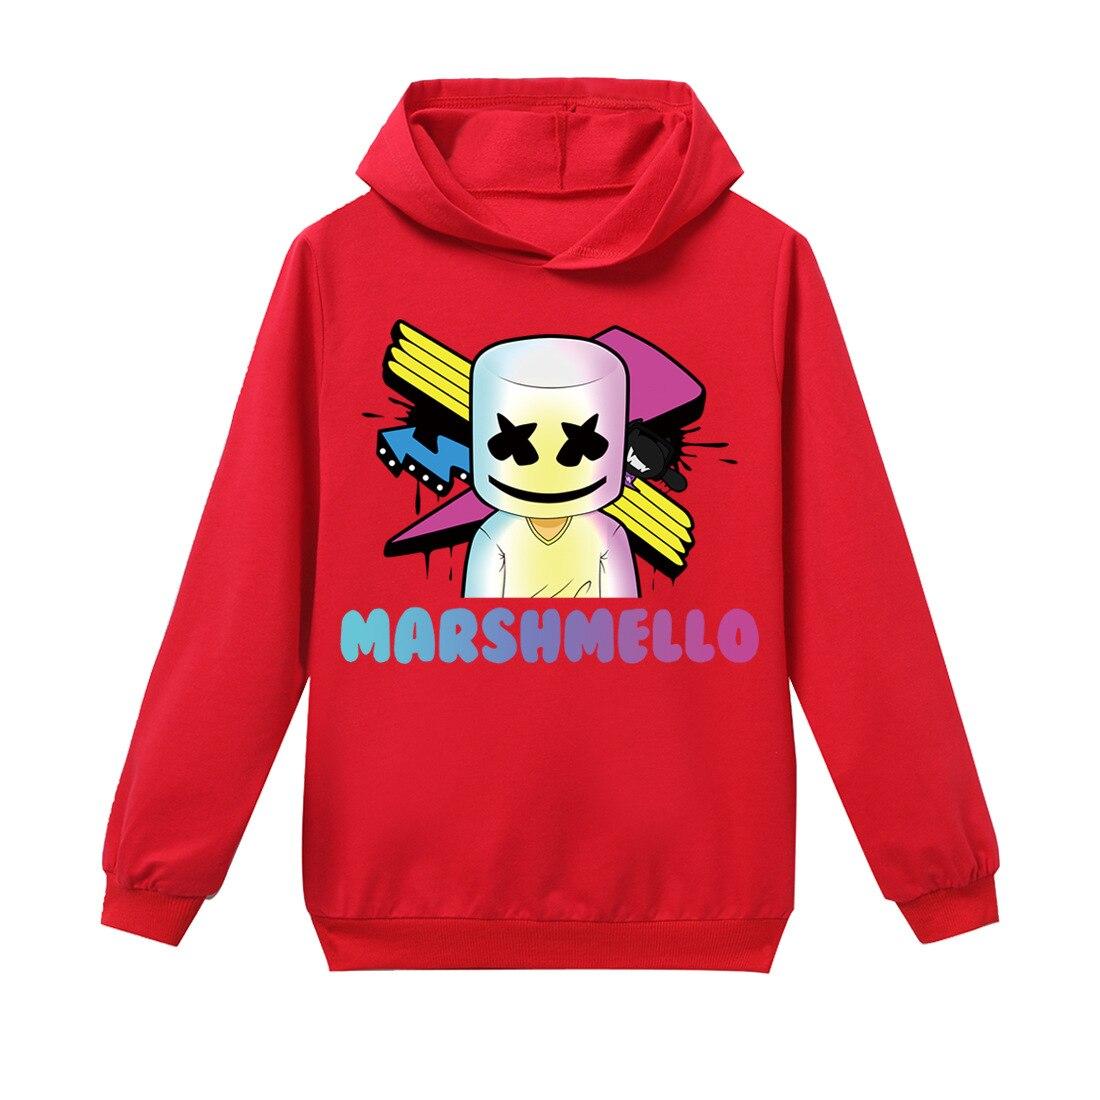 Każdego dnia nowy przyjazd! Marshmello muzyka dj dziecięca bluza z kapturem duża dziecięca H929